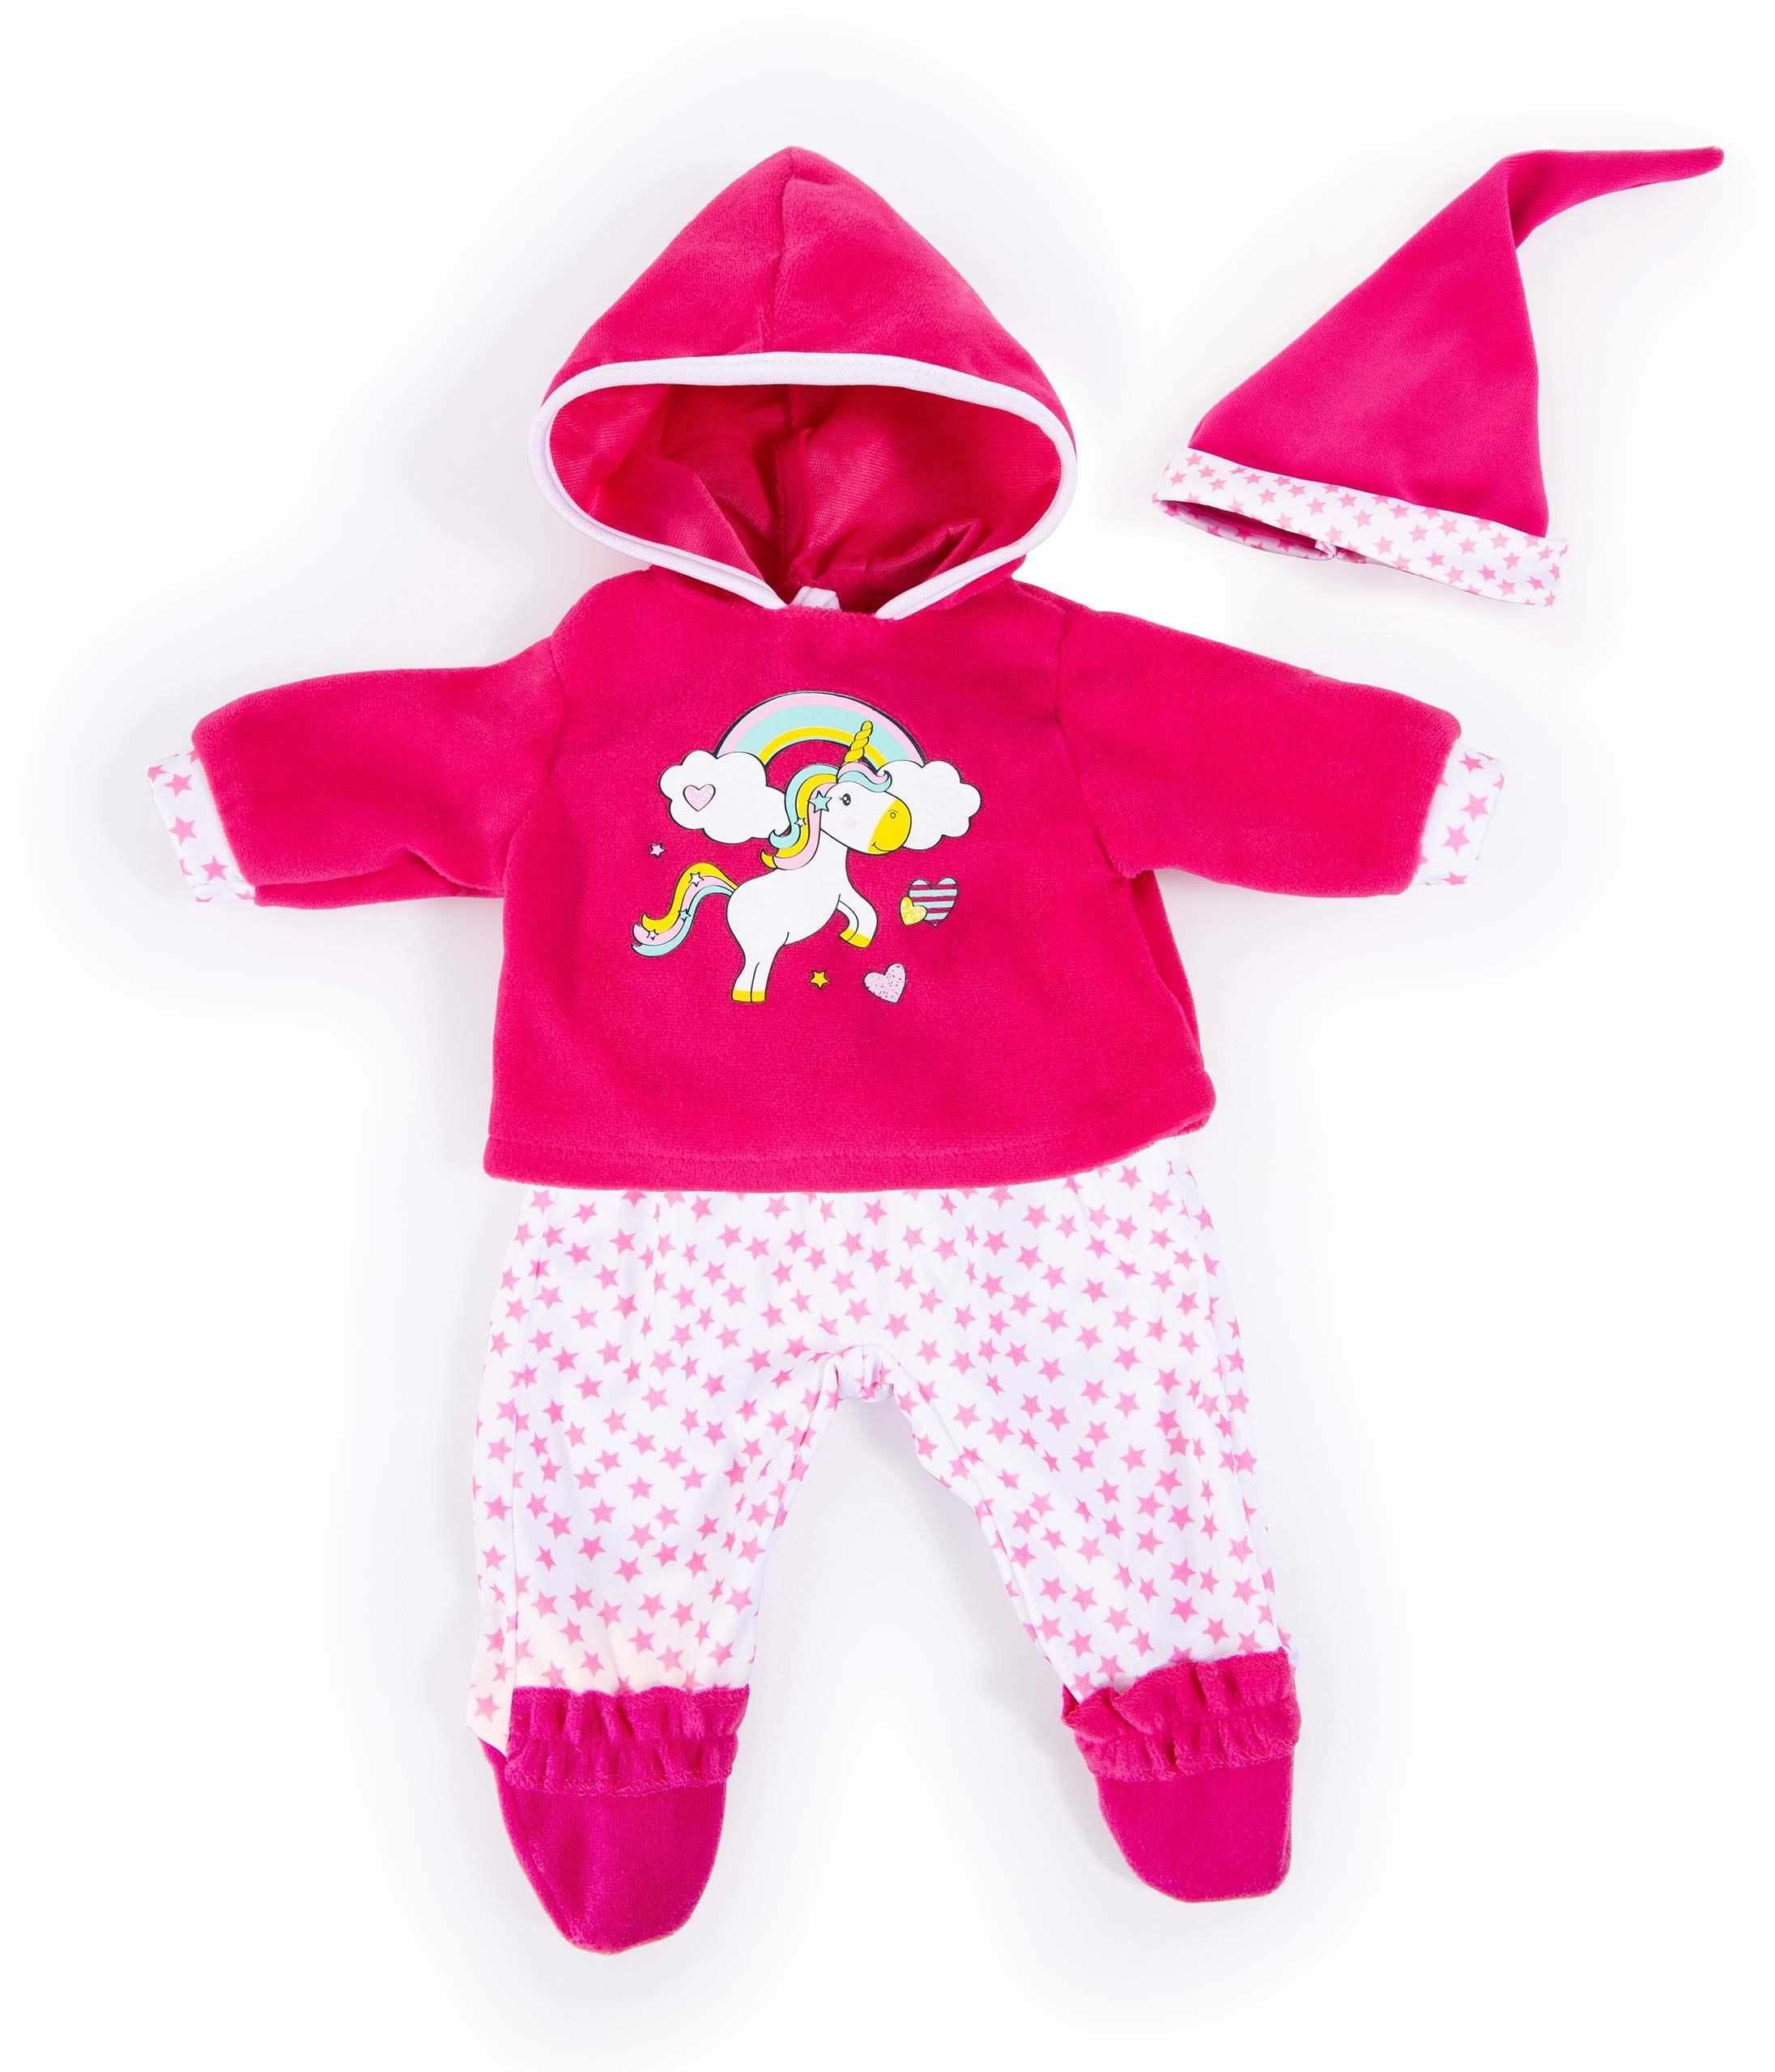 Bayer Design 84690AA odzież dla lalek 40-46 cm, spodnie, górna część i czapka, zestaw, strój z jednorożcem i tęczą, różowy